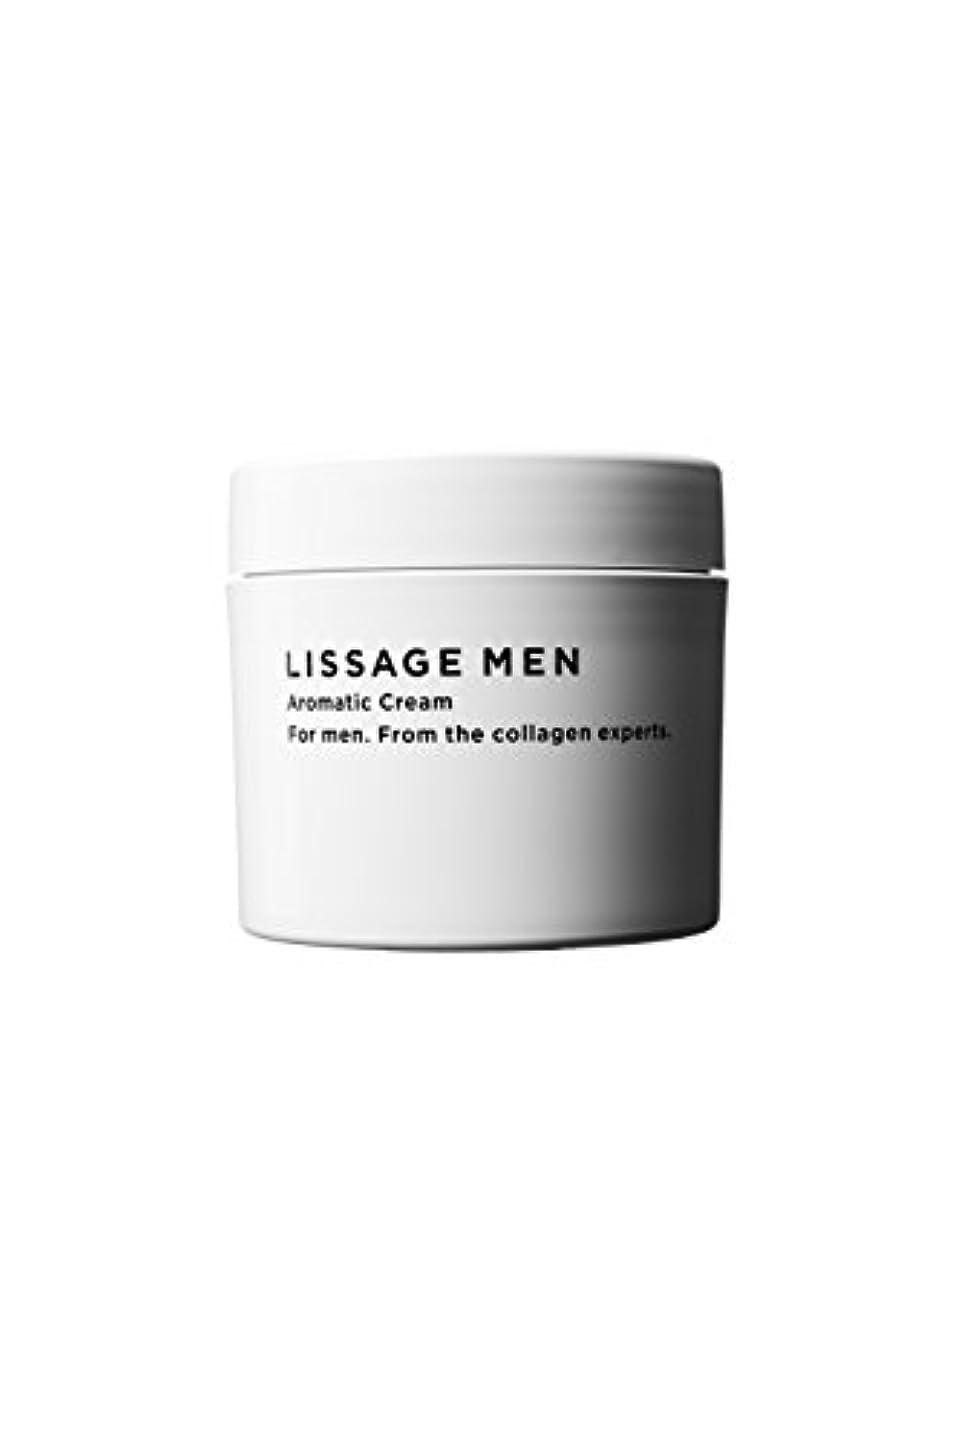 肥料加入適応リサージ メン アロマティッククリーム 200g 男性用 ボディクリーム  (メンズ スキンケア)